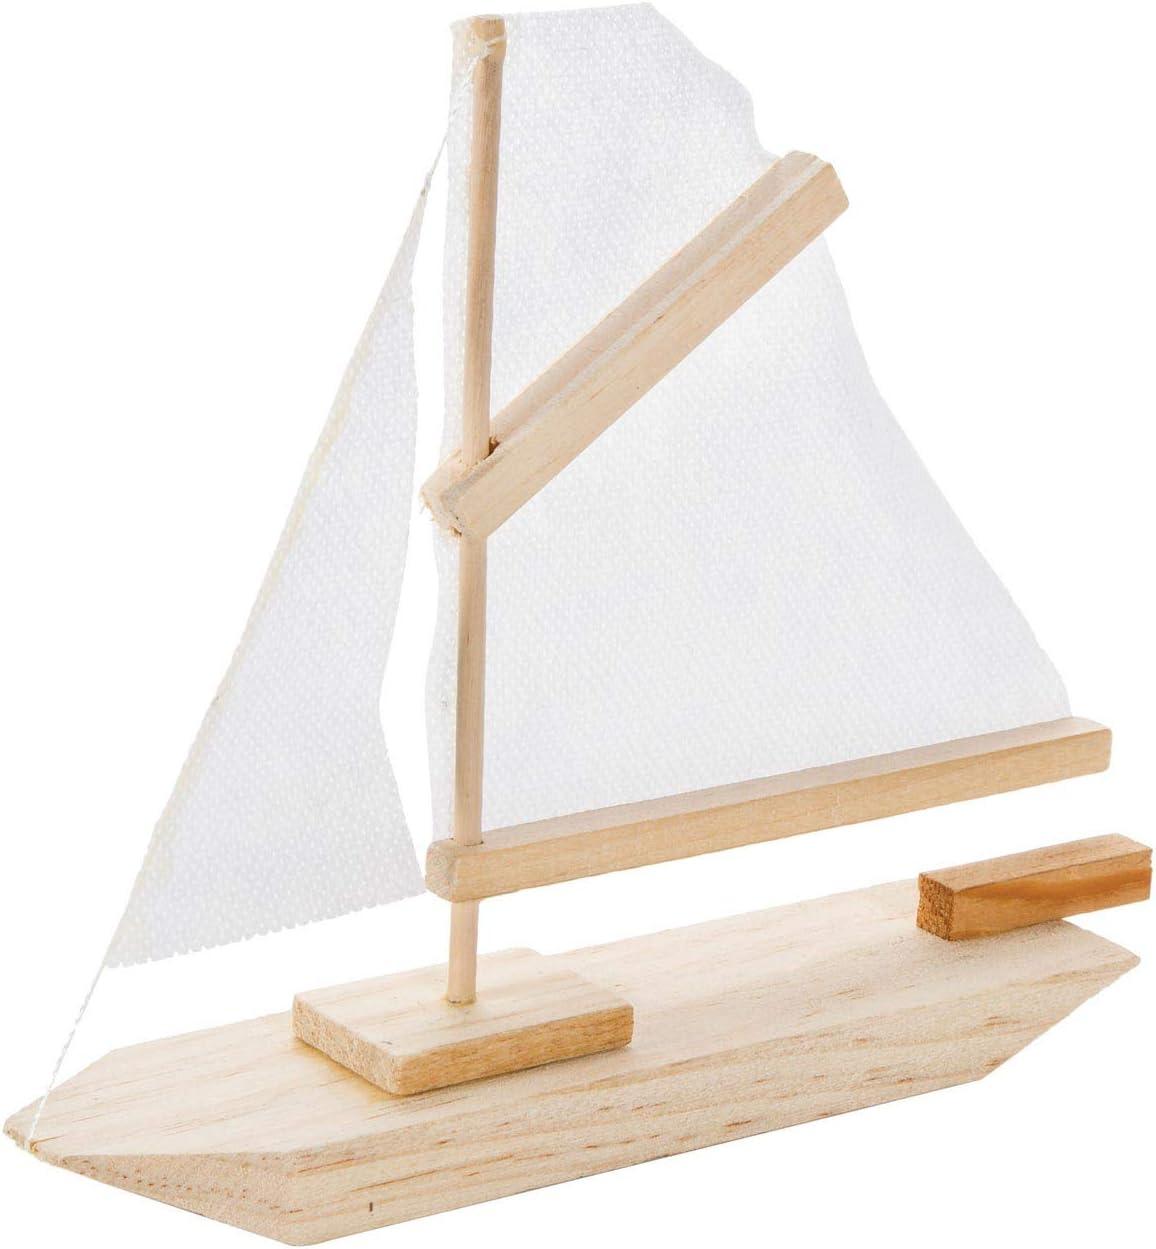 Darice 9169-04 Wood Sailboat Model Kit